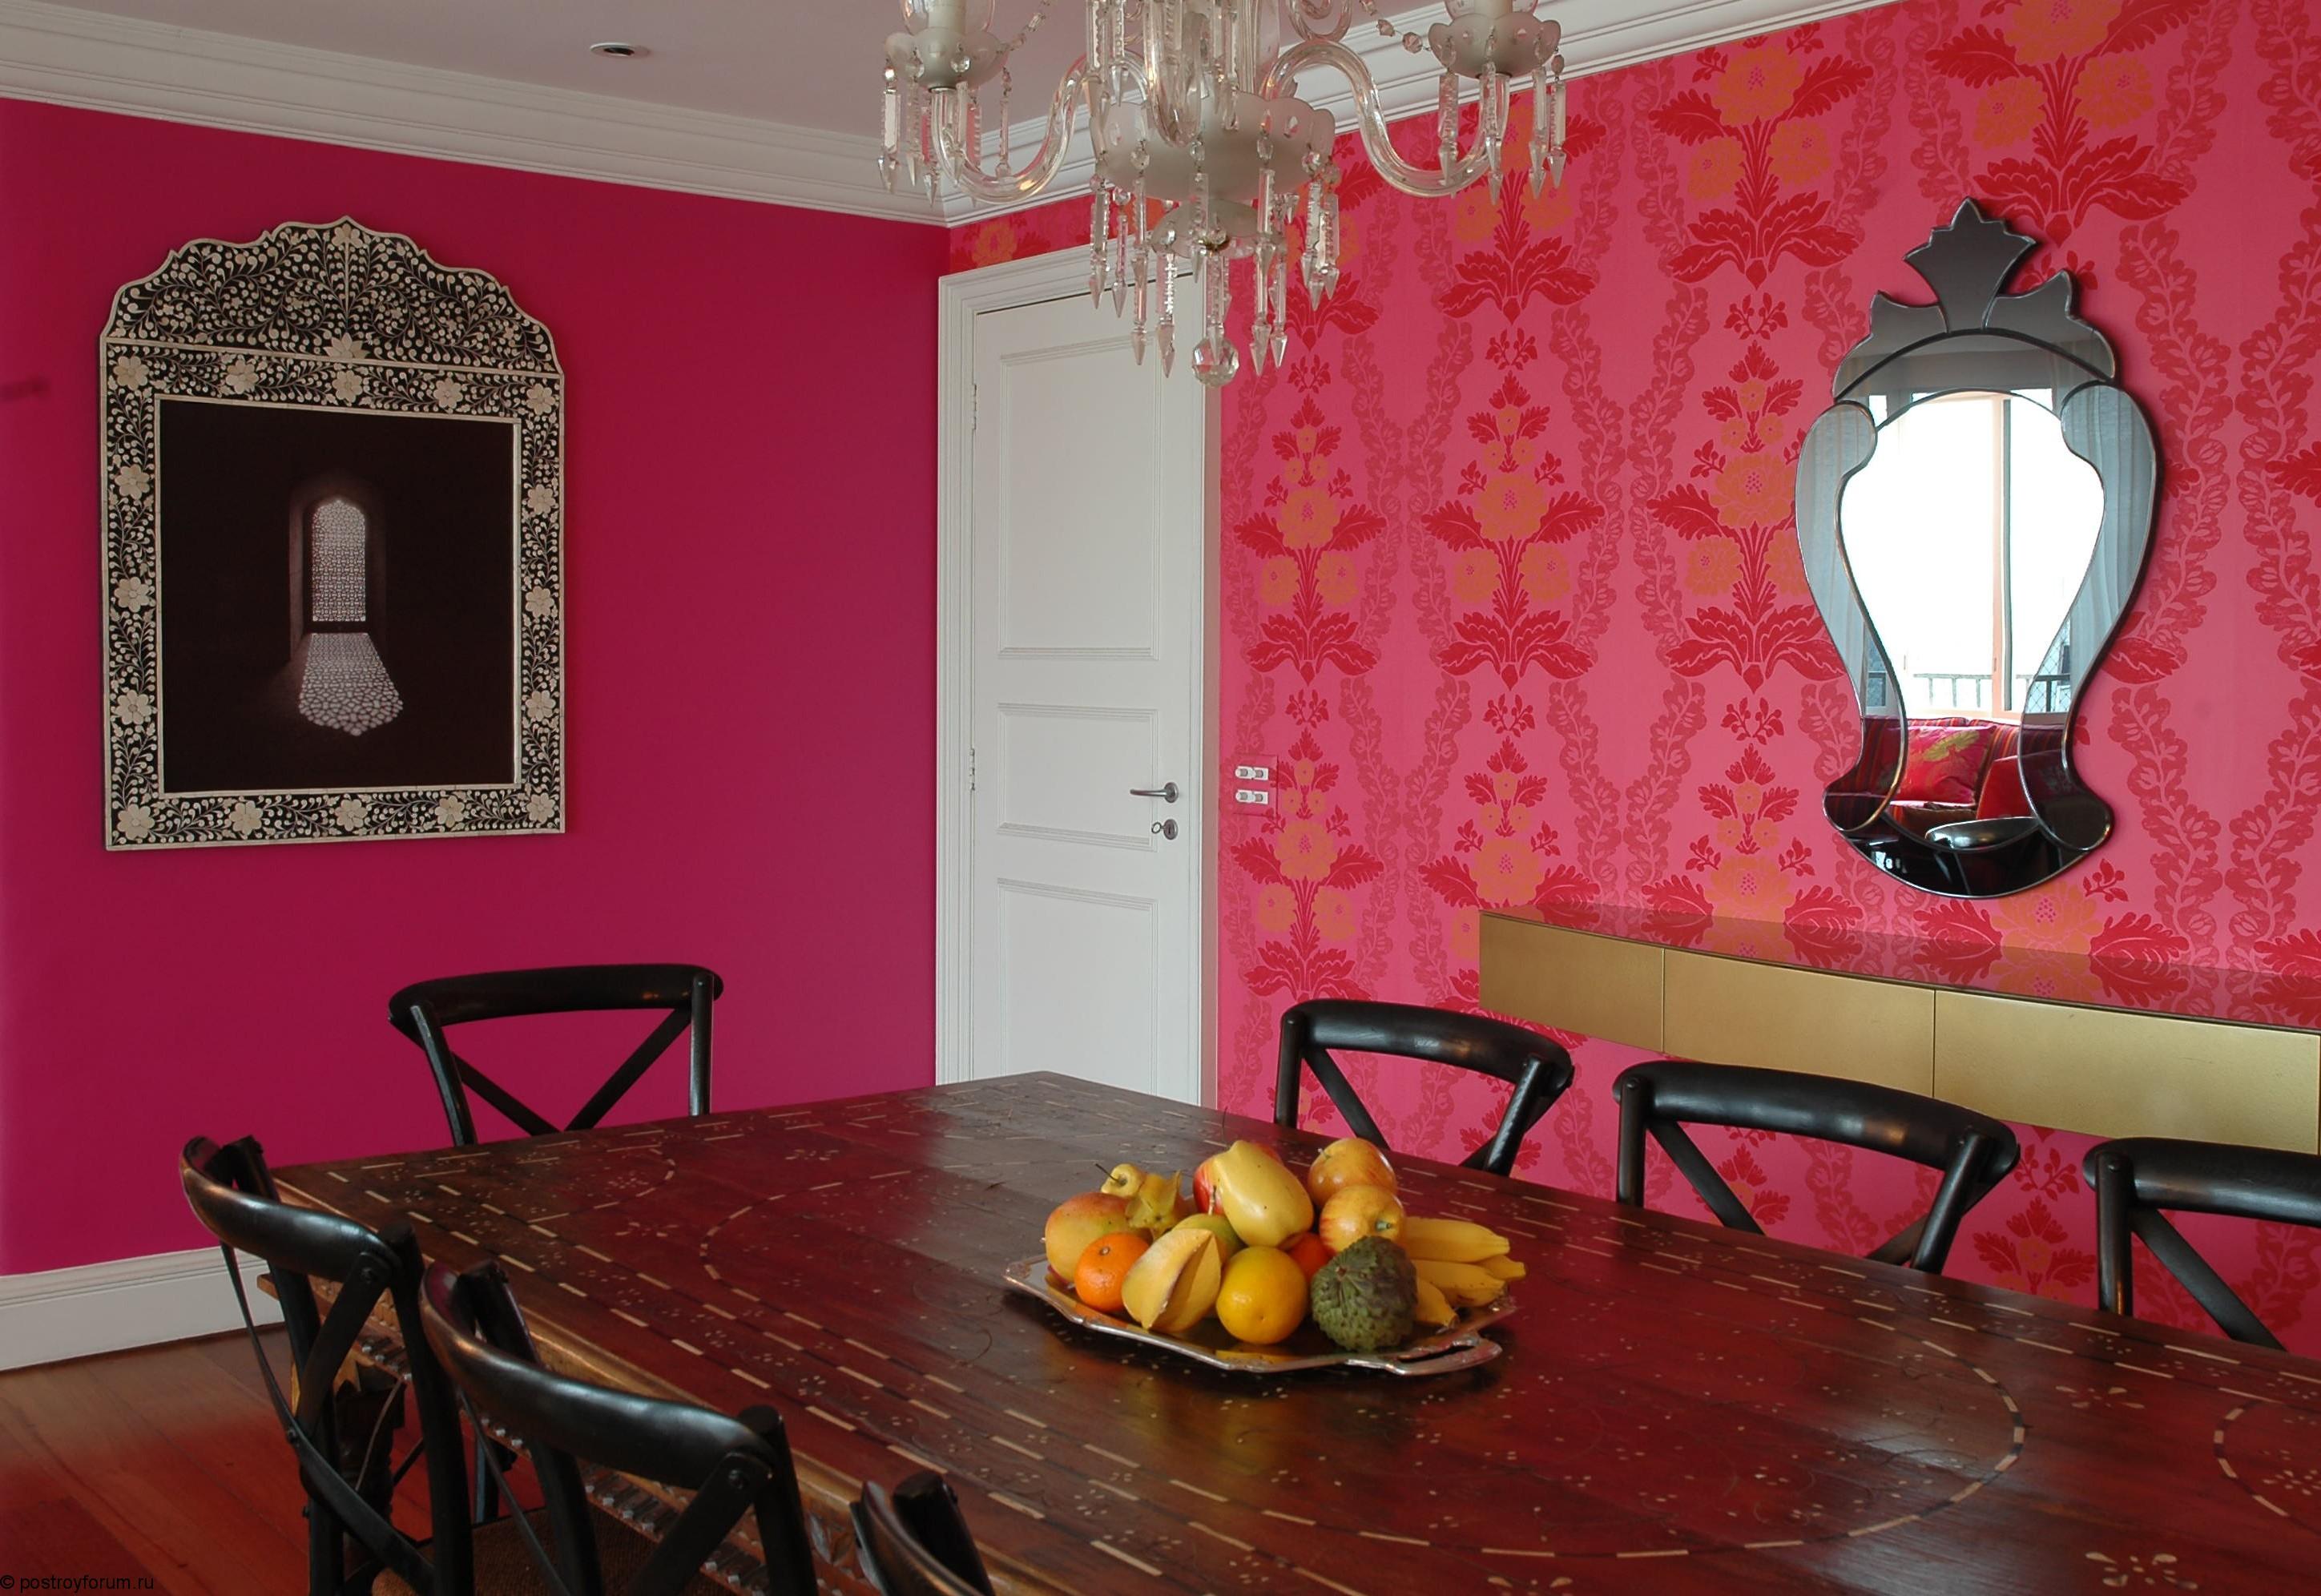 Розовые обои: создаем романтичную атмосферу (24 фото)